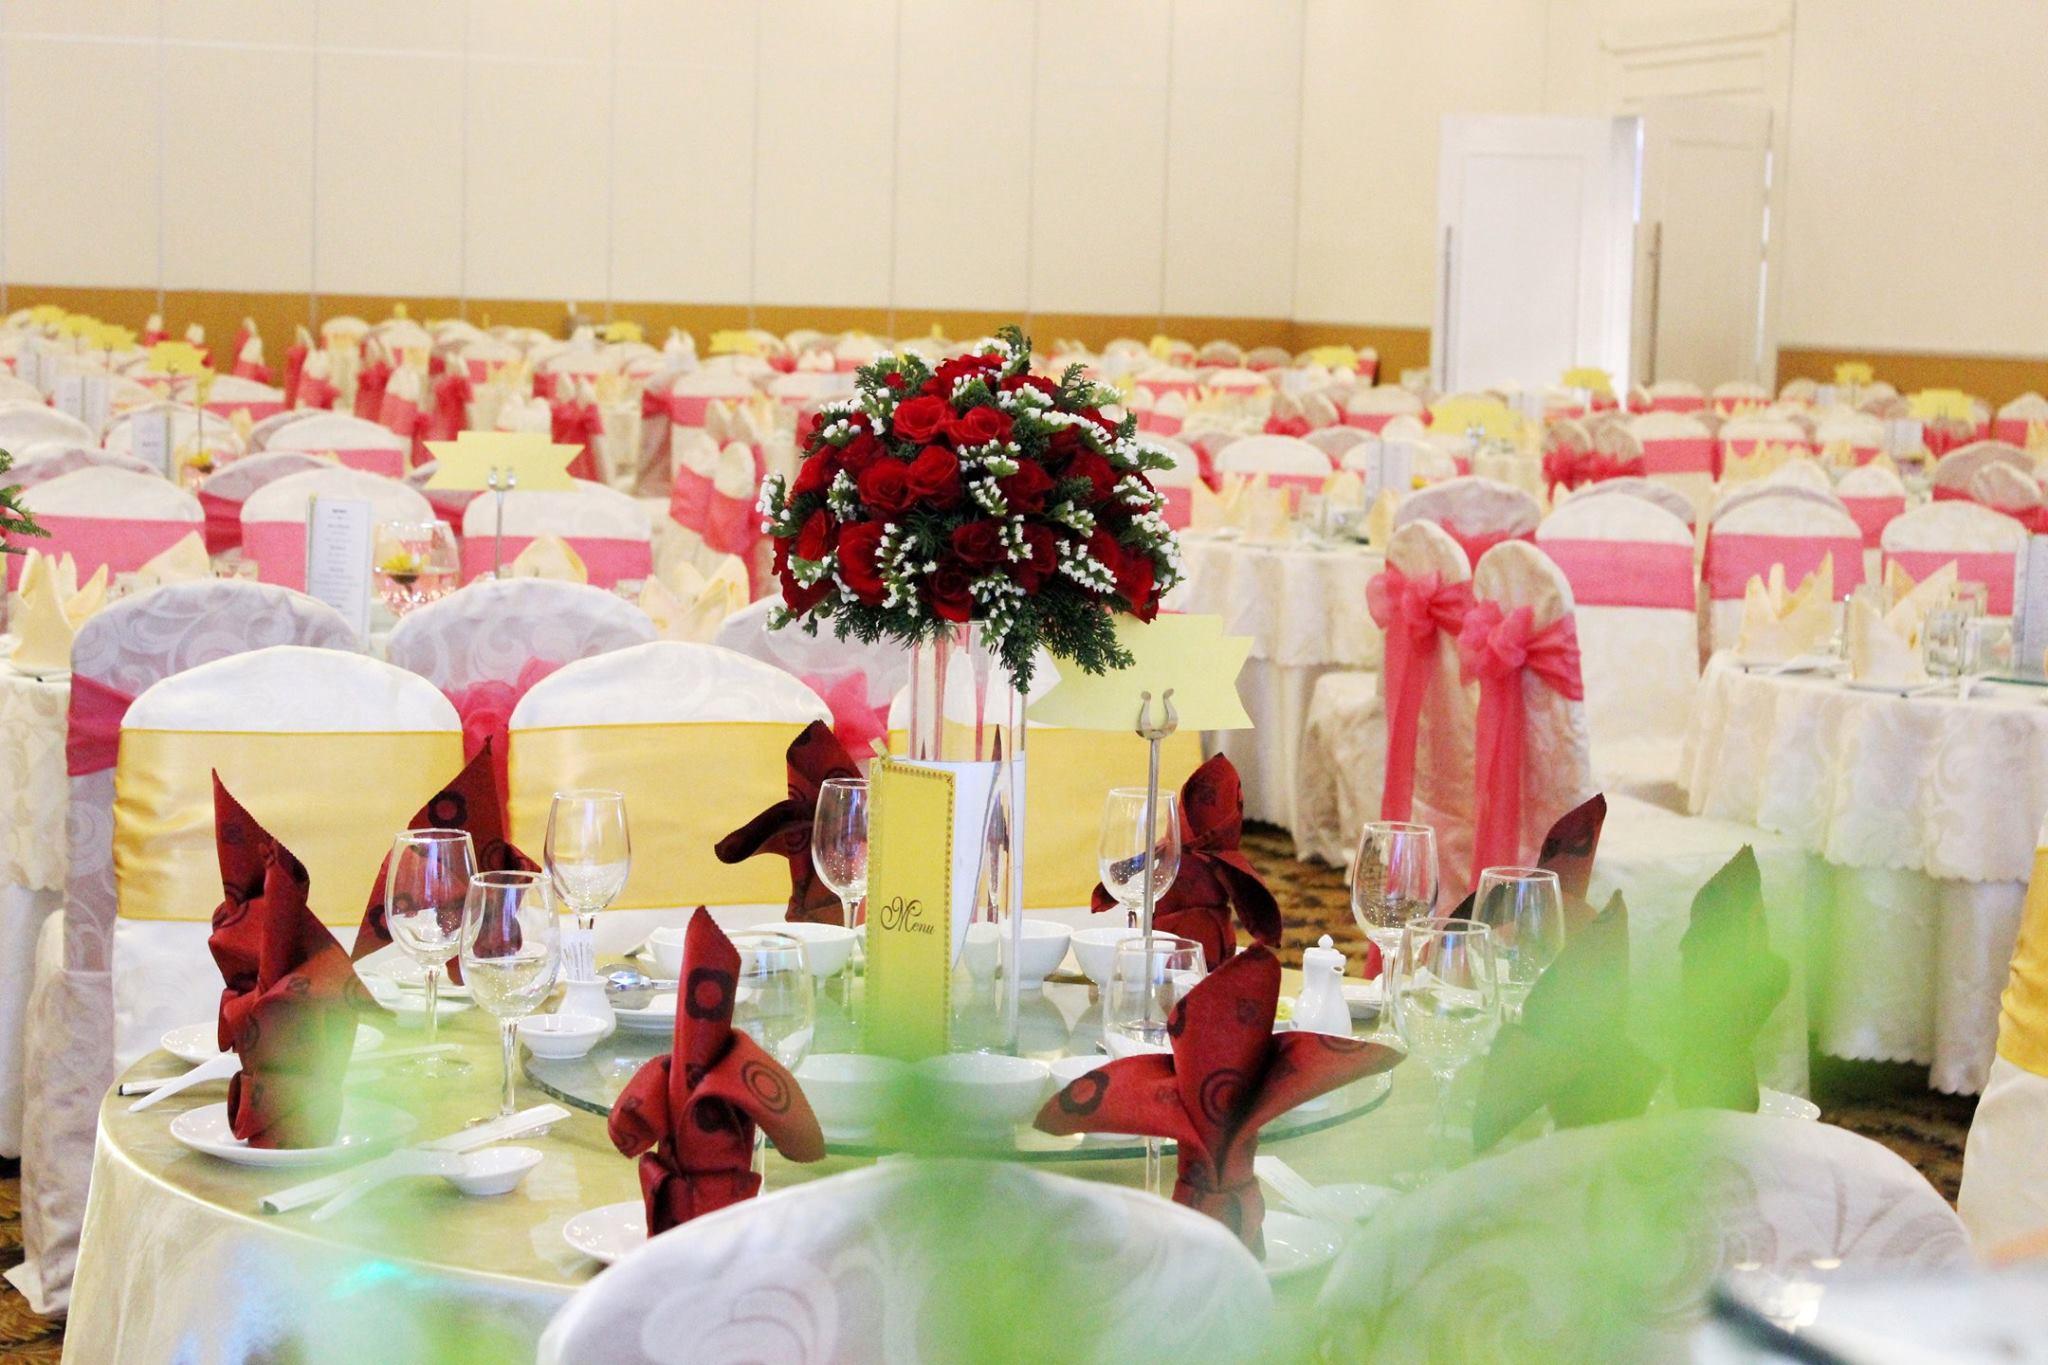 Queen Plaza Wedding & Event